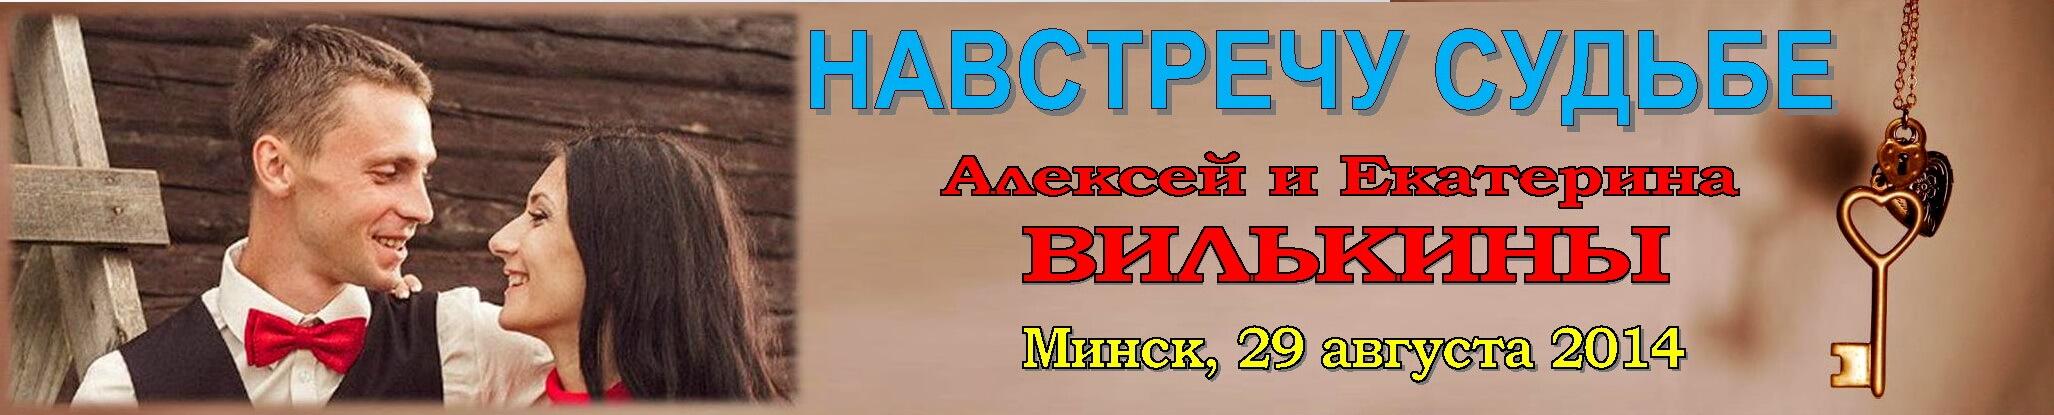 Вилькины Навстречу судьбе-2014 Баннер